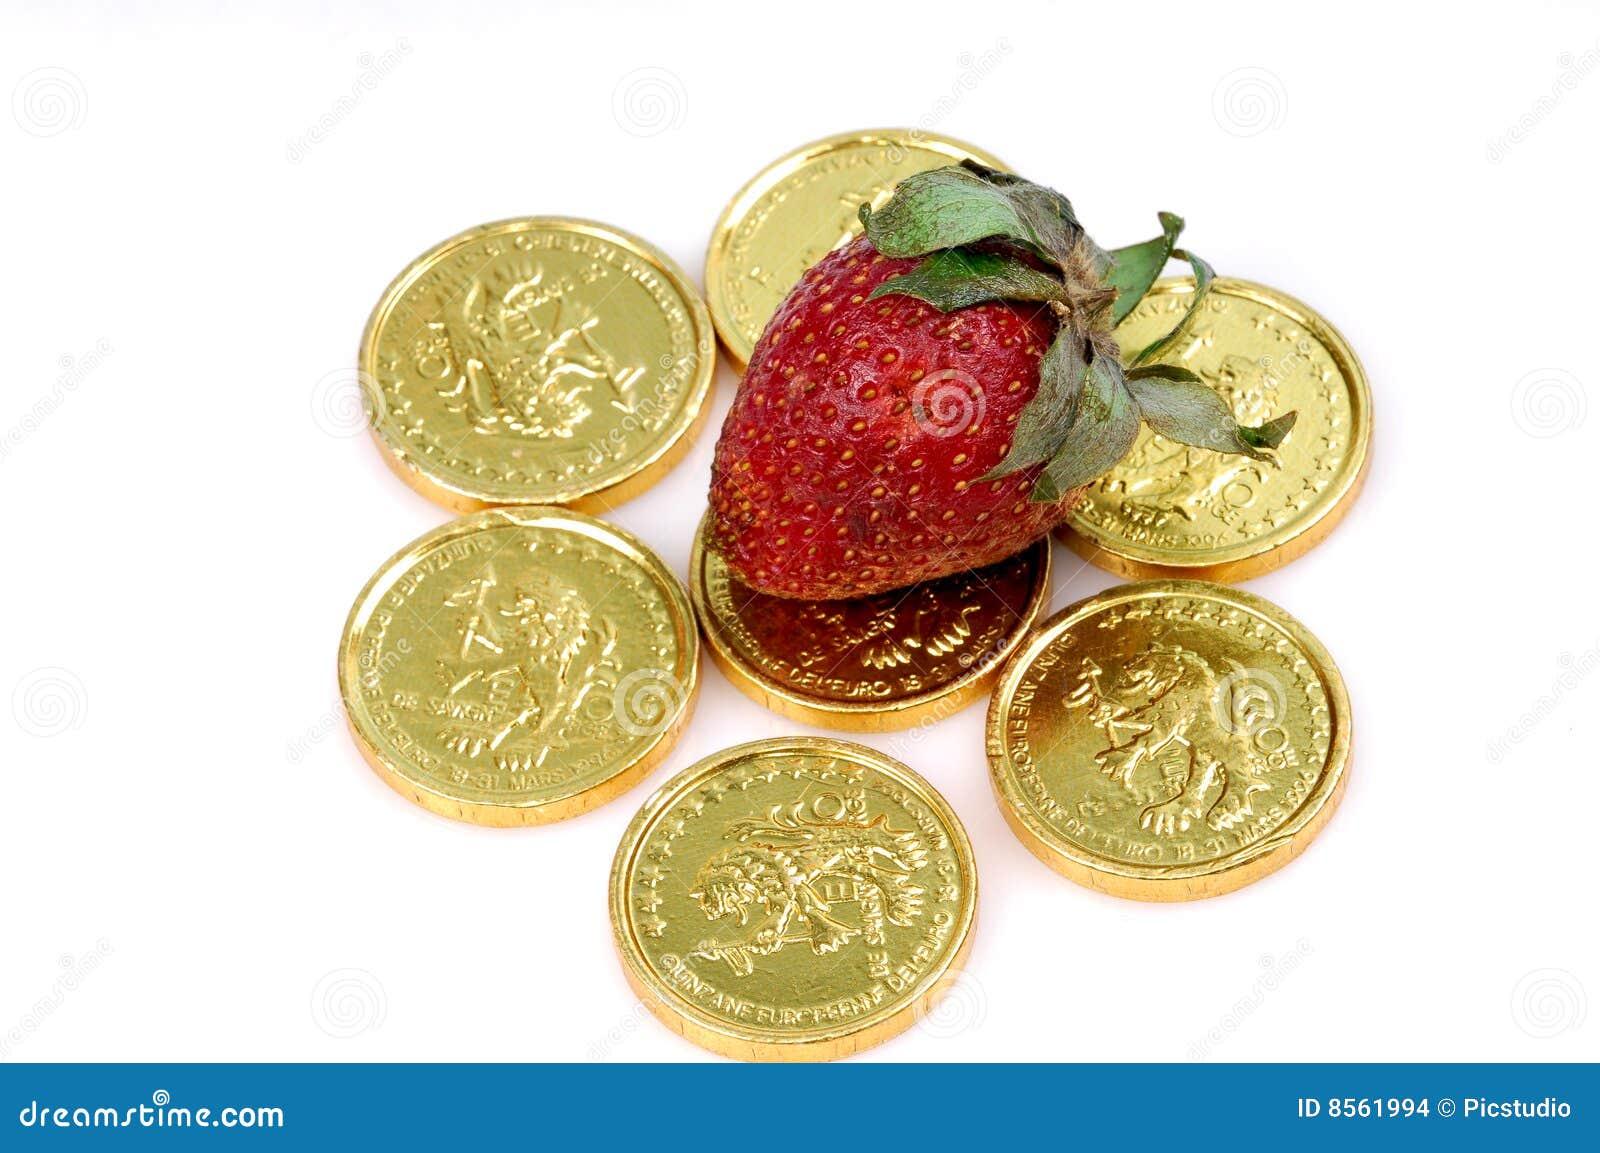 Fresa en monedas de oro